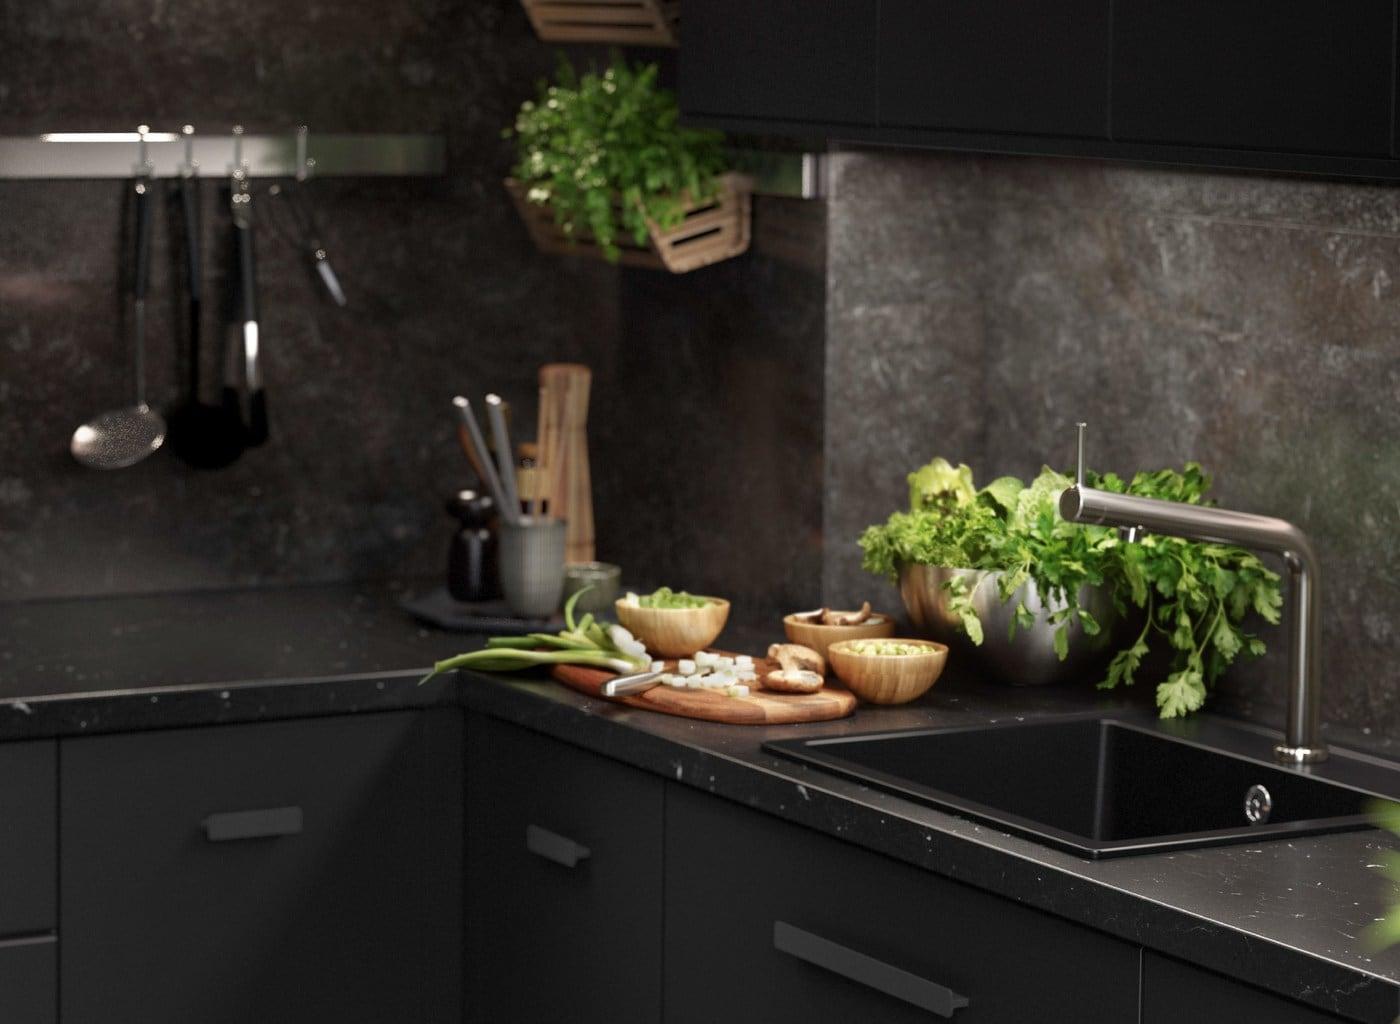 Zwarte KUNGSBACKA keuken met marmereffect, met keukengerei en verse kruiden op het aanrecht